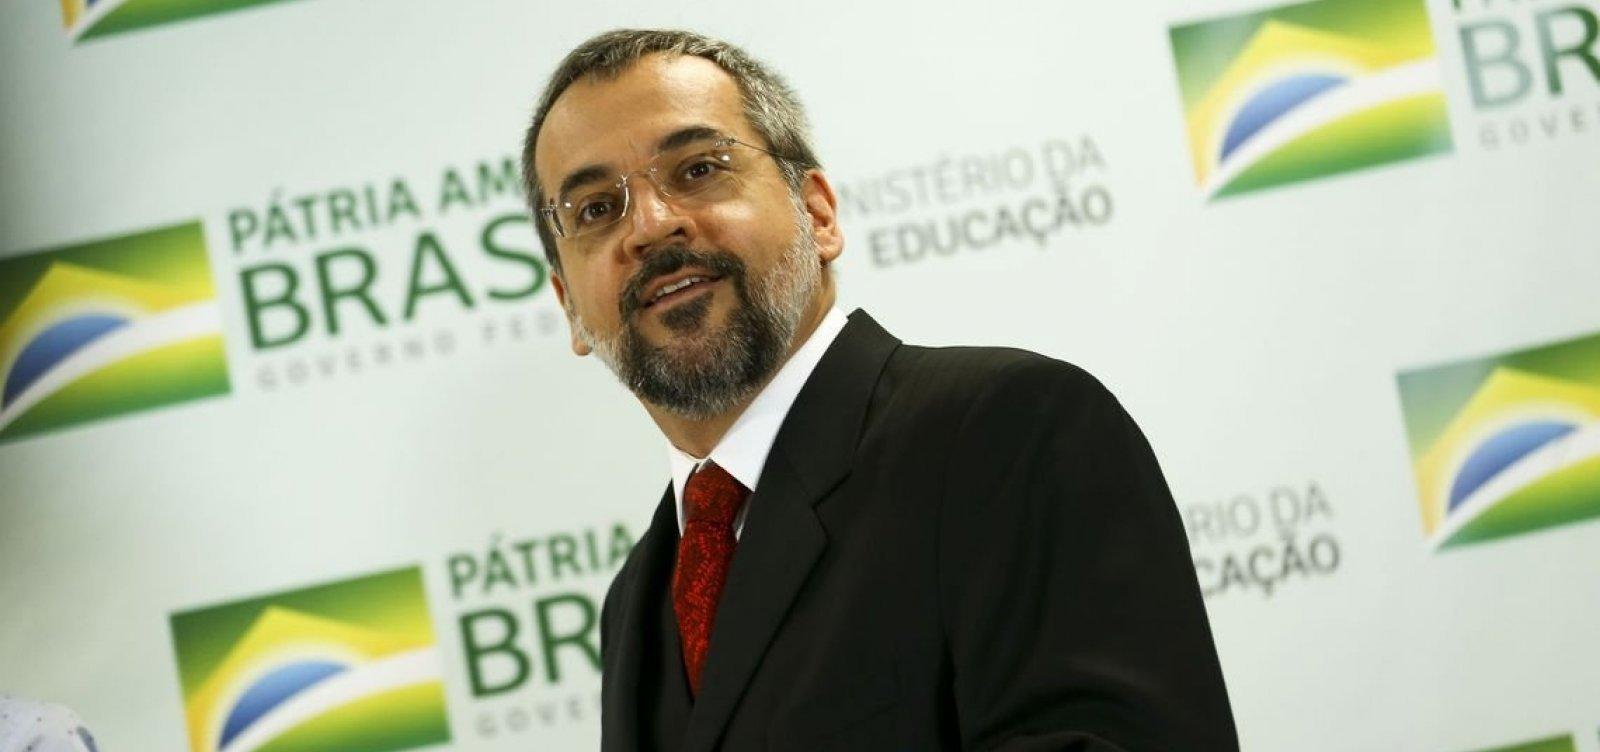 [Alvo de inquérito no STF, Abraham Weintraub sai do Brasil]